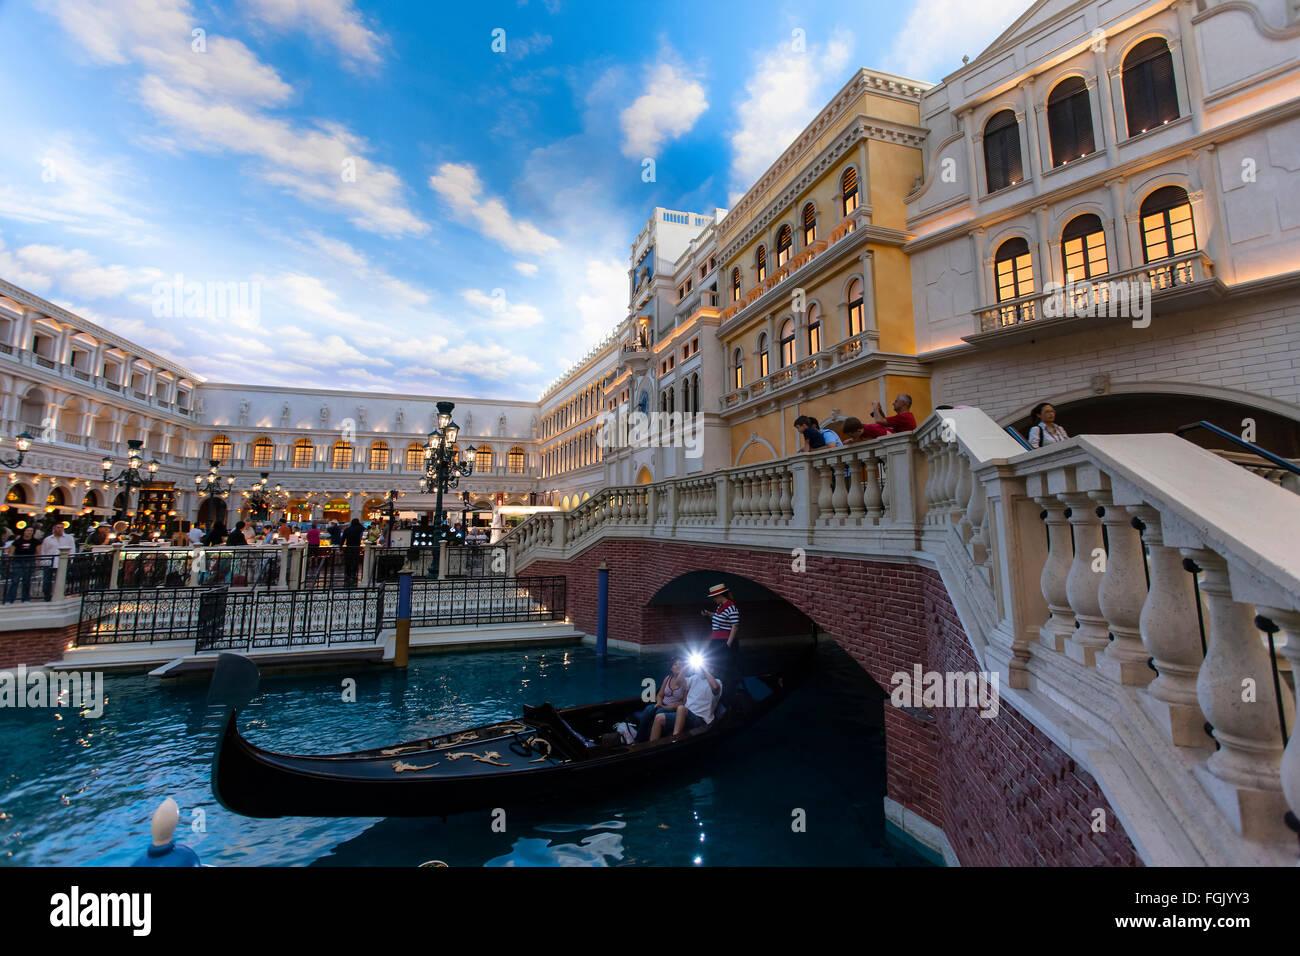 Las Vegas The Venetian Hotel Gondolas St Mark S Square At